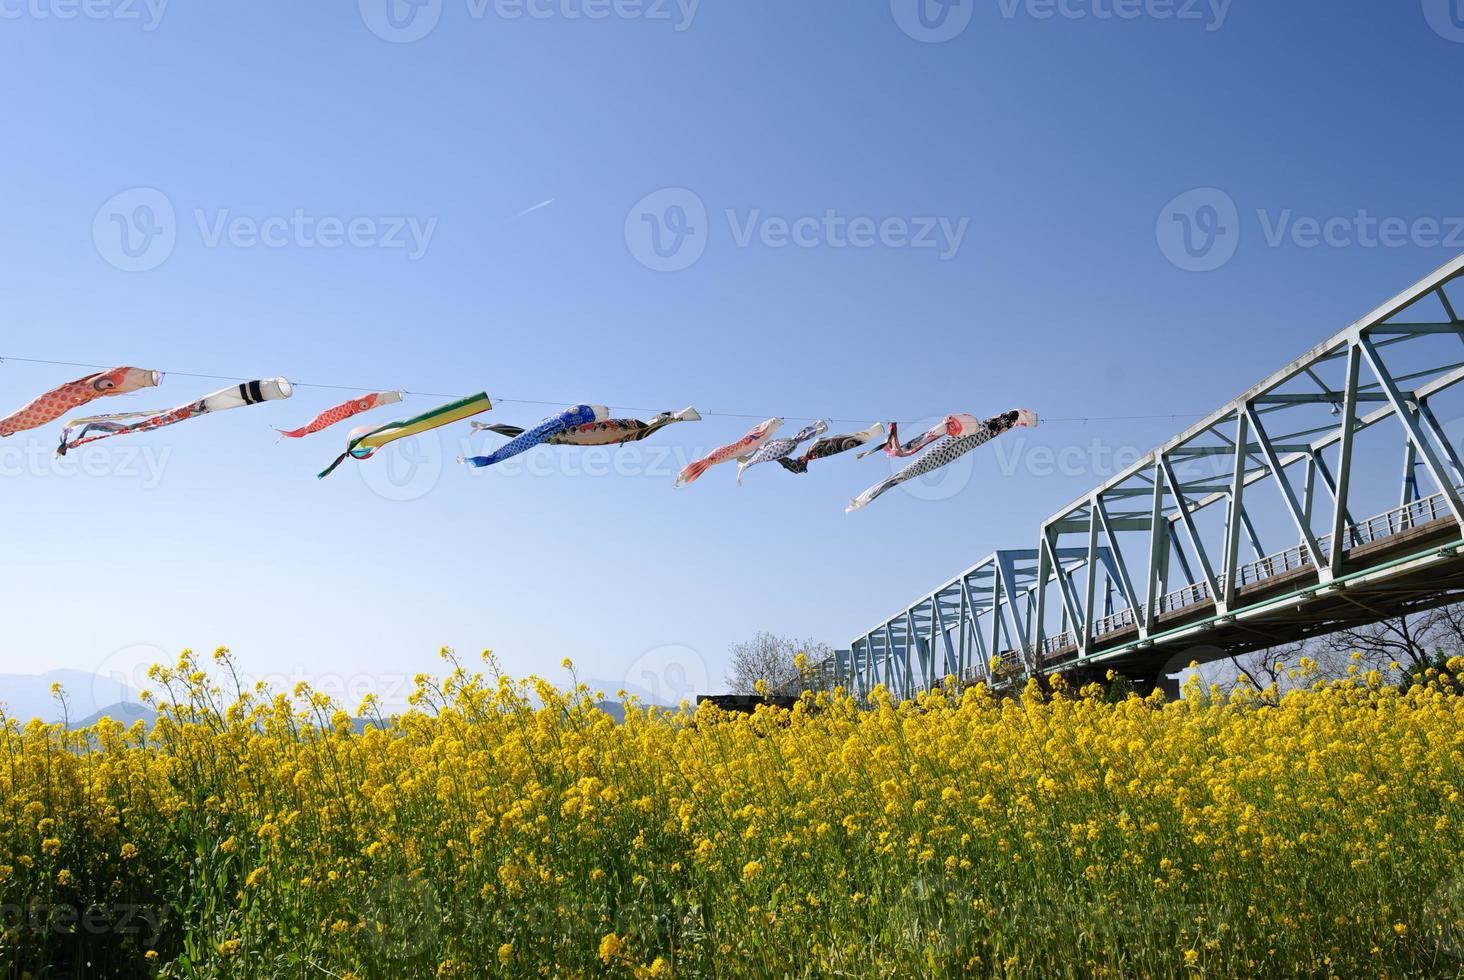 Serpentinas de carpa en el cielo azul foto